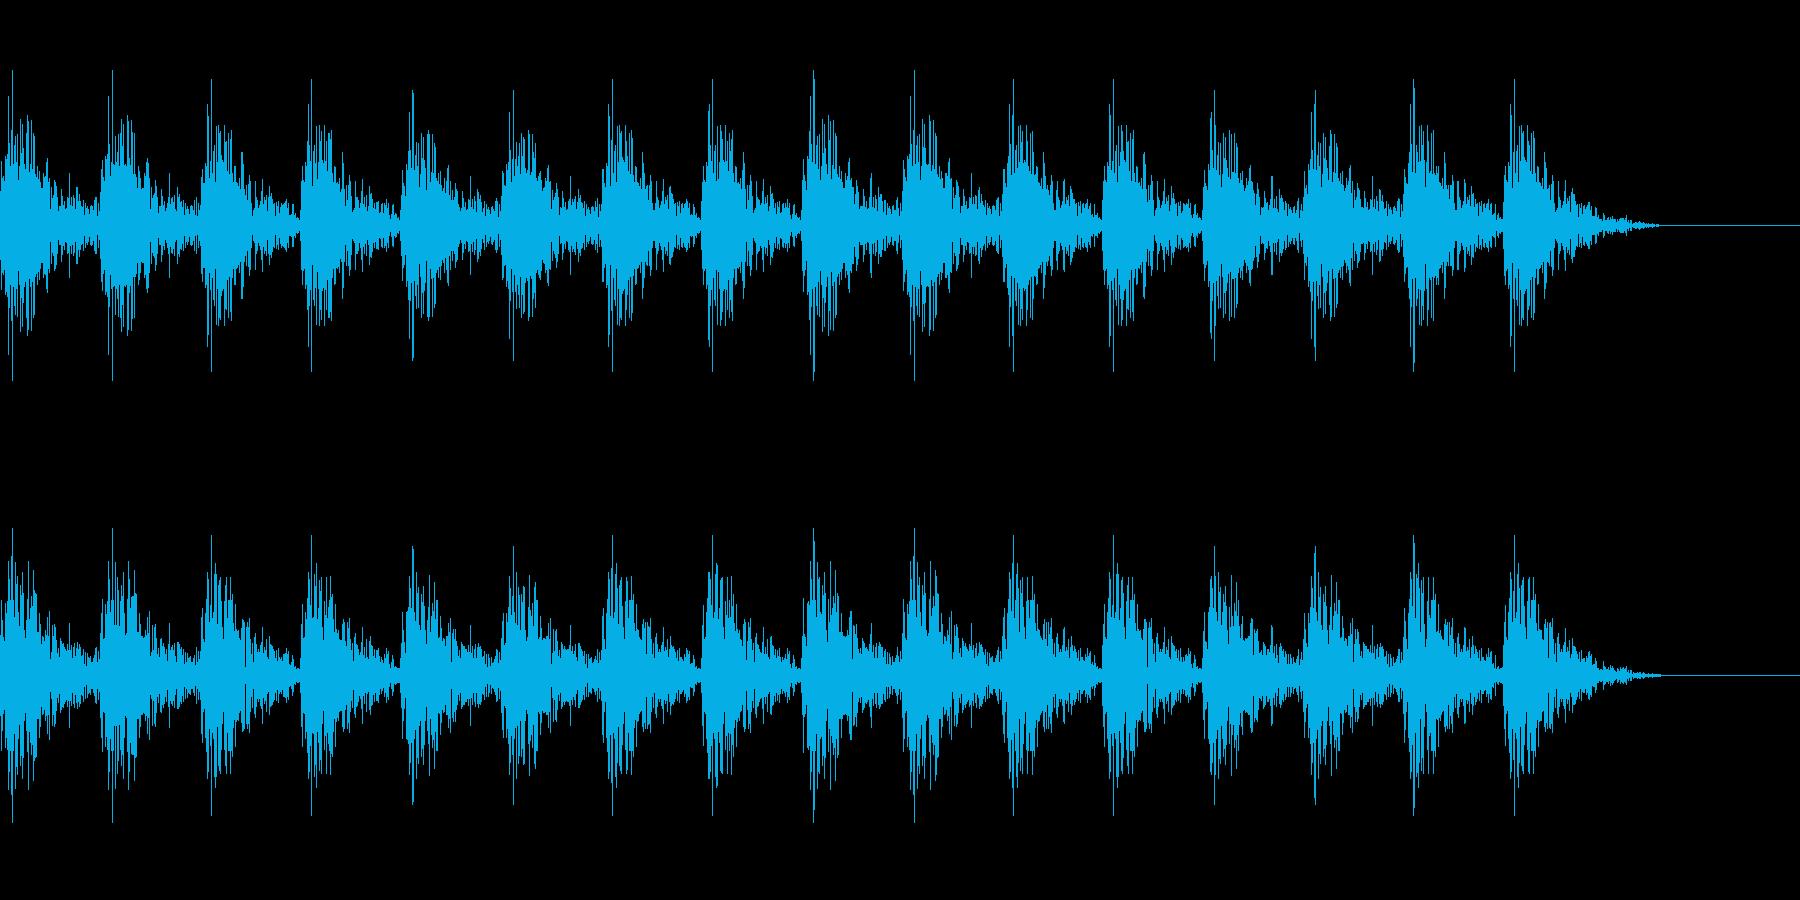 どんどん(巨人、速歩き)A09の再生済みの波形